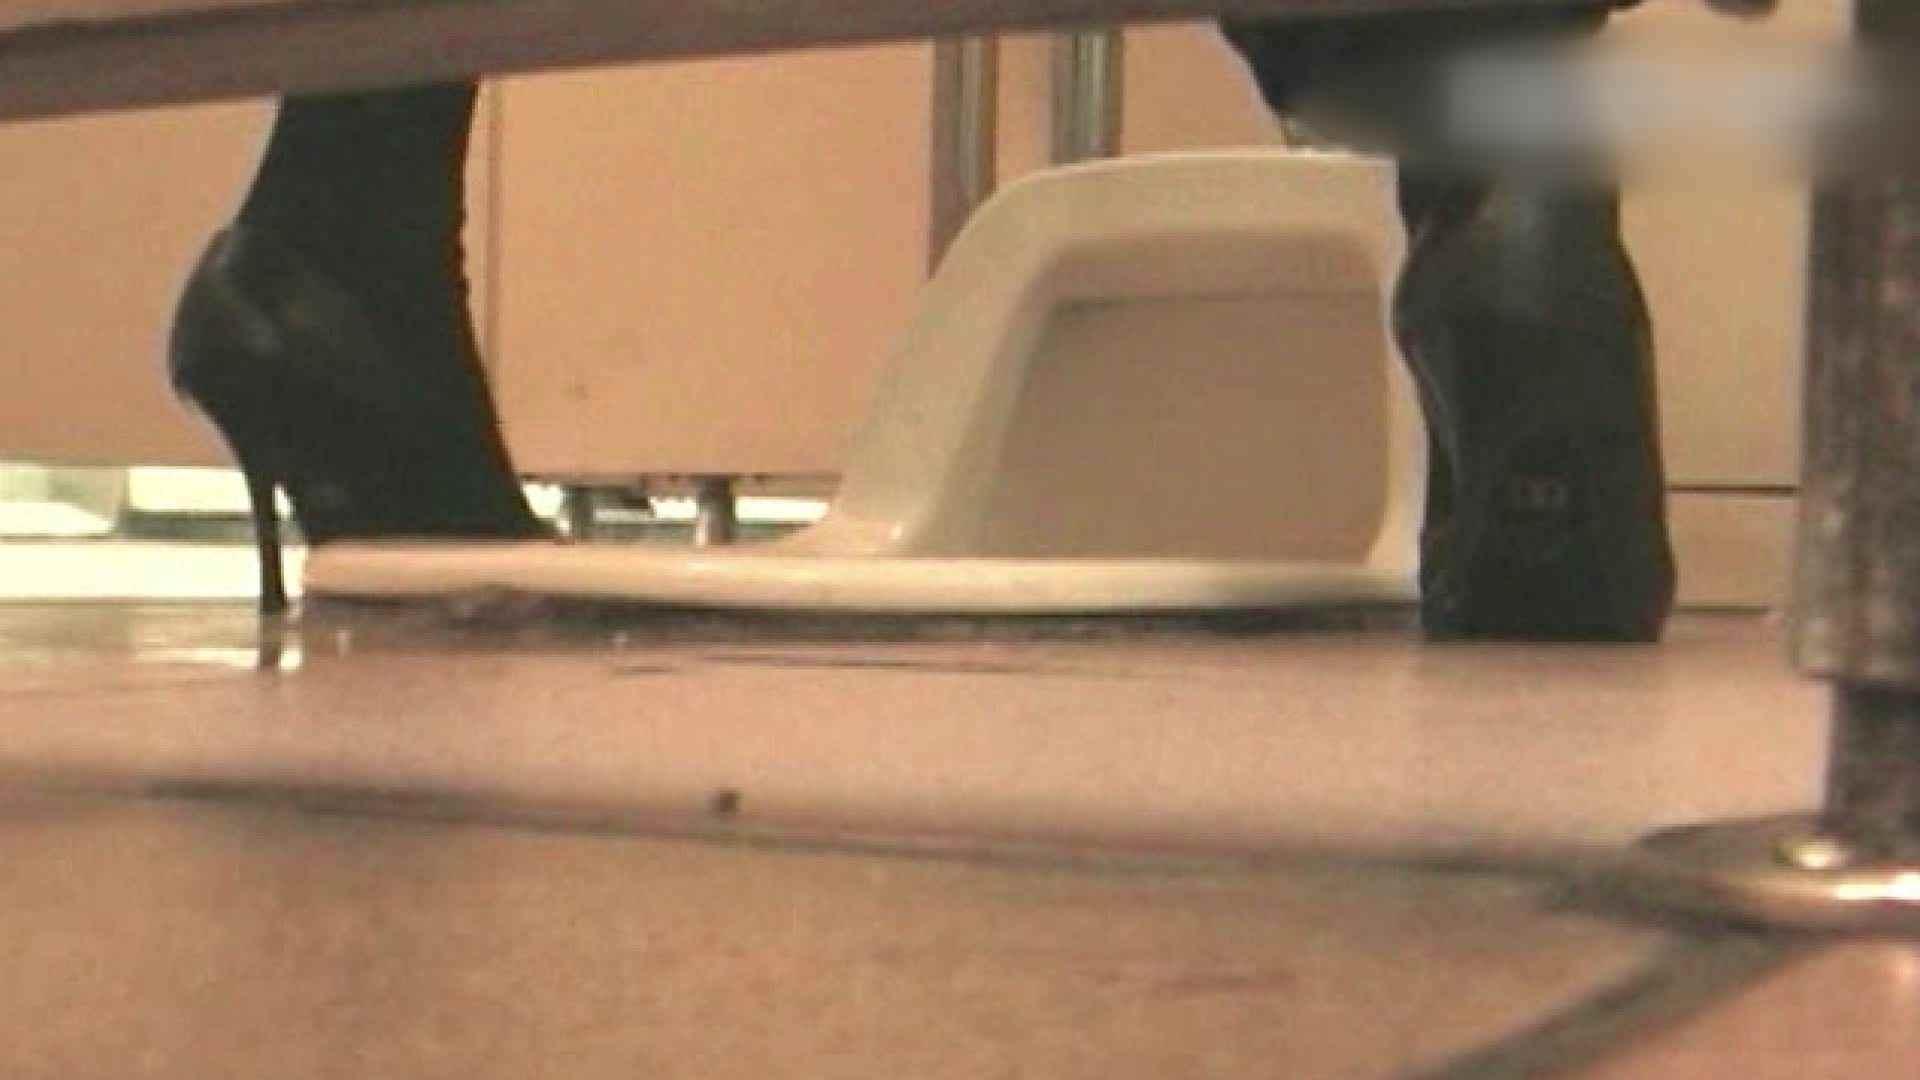 ロックハンドさんの盗撮記録File.24 盗撮師作品 | マンコ・ムレムレ  92pic 41